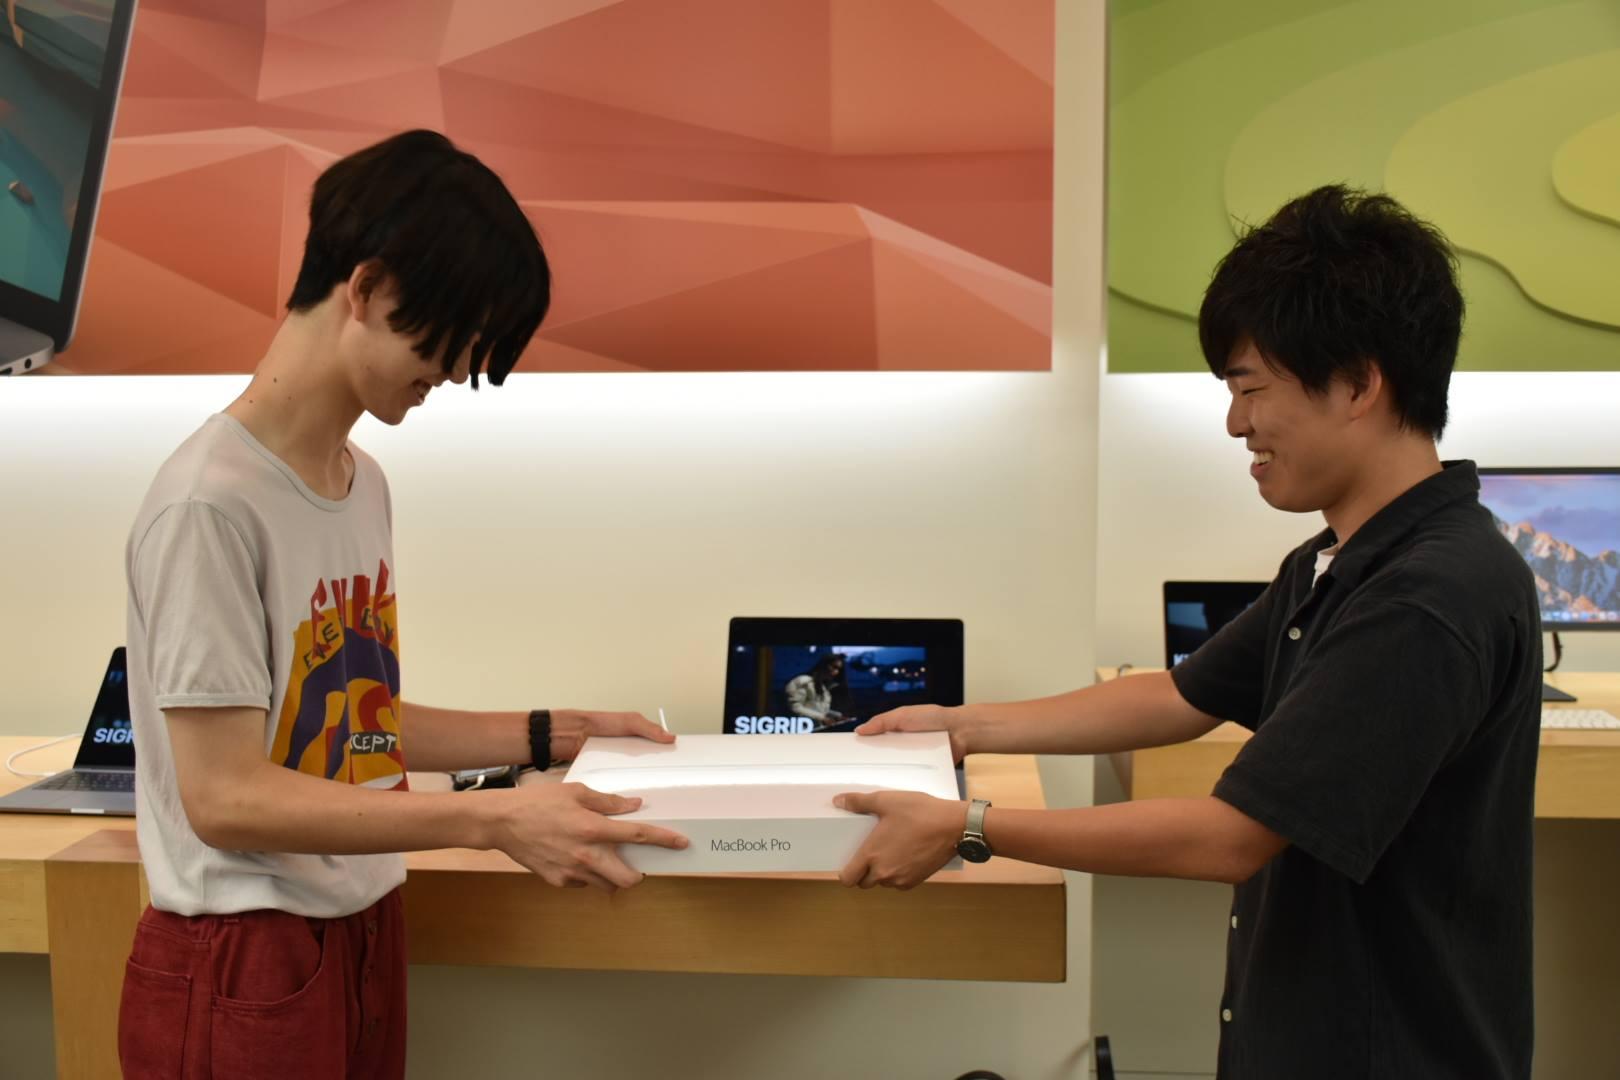 【26万円投資】高校生起業家に15インチMacBook Proを買ってあげた #MacBookおじさん